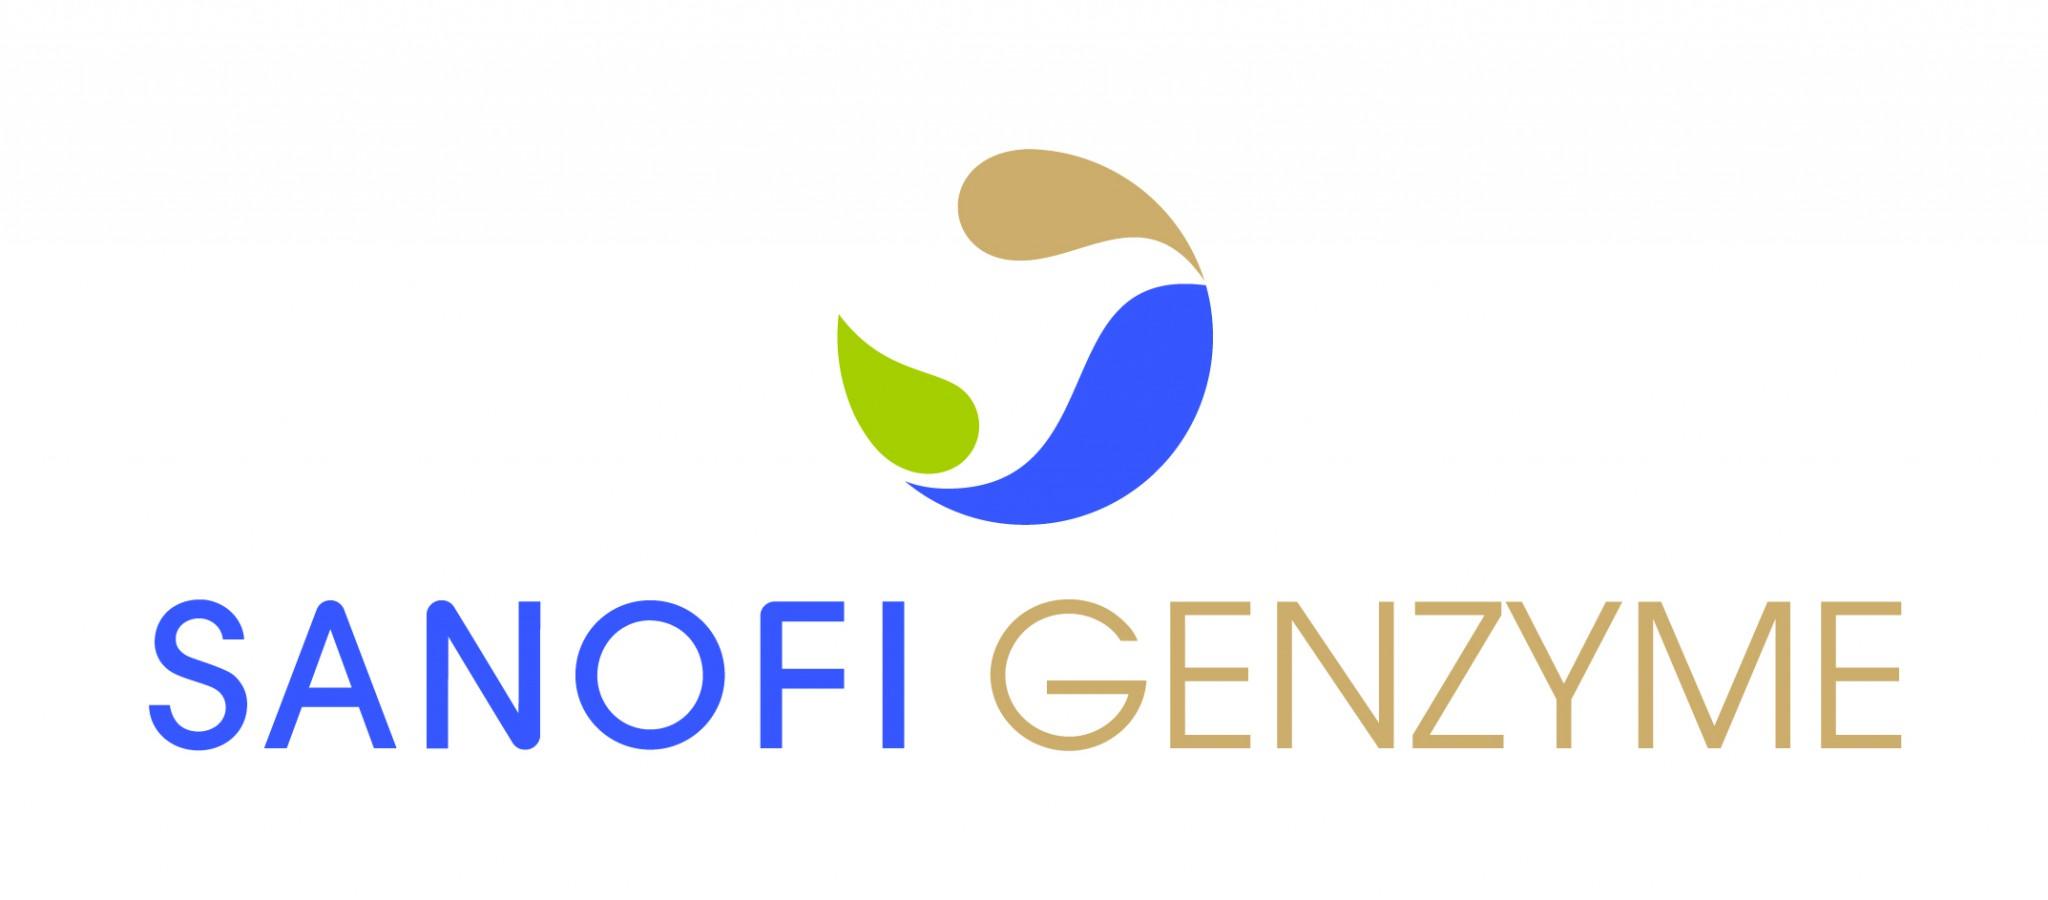 SANOFIGENZYME_logo_V-CMJN